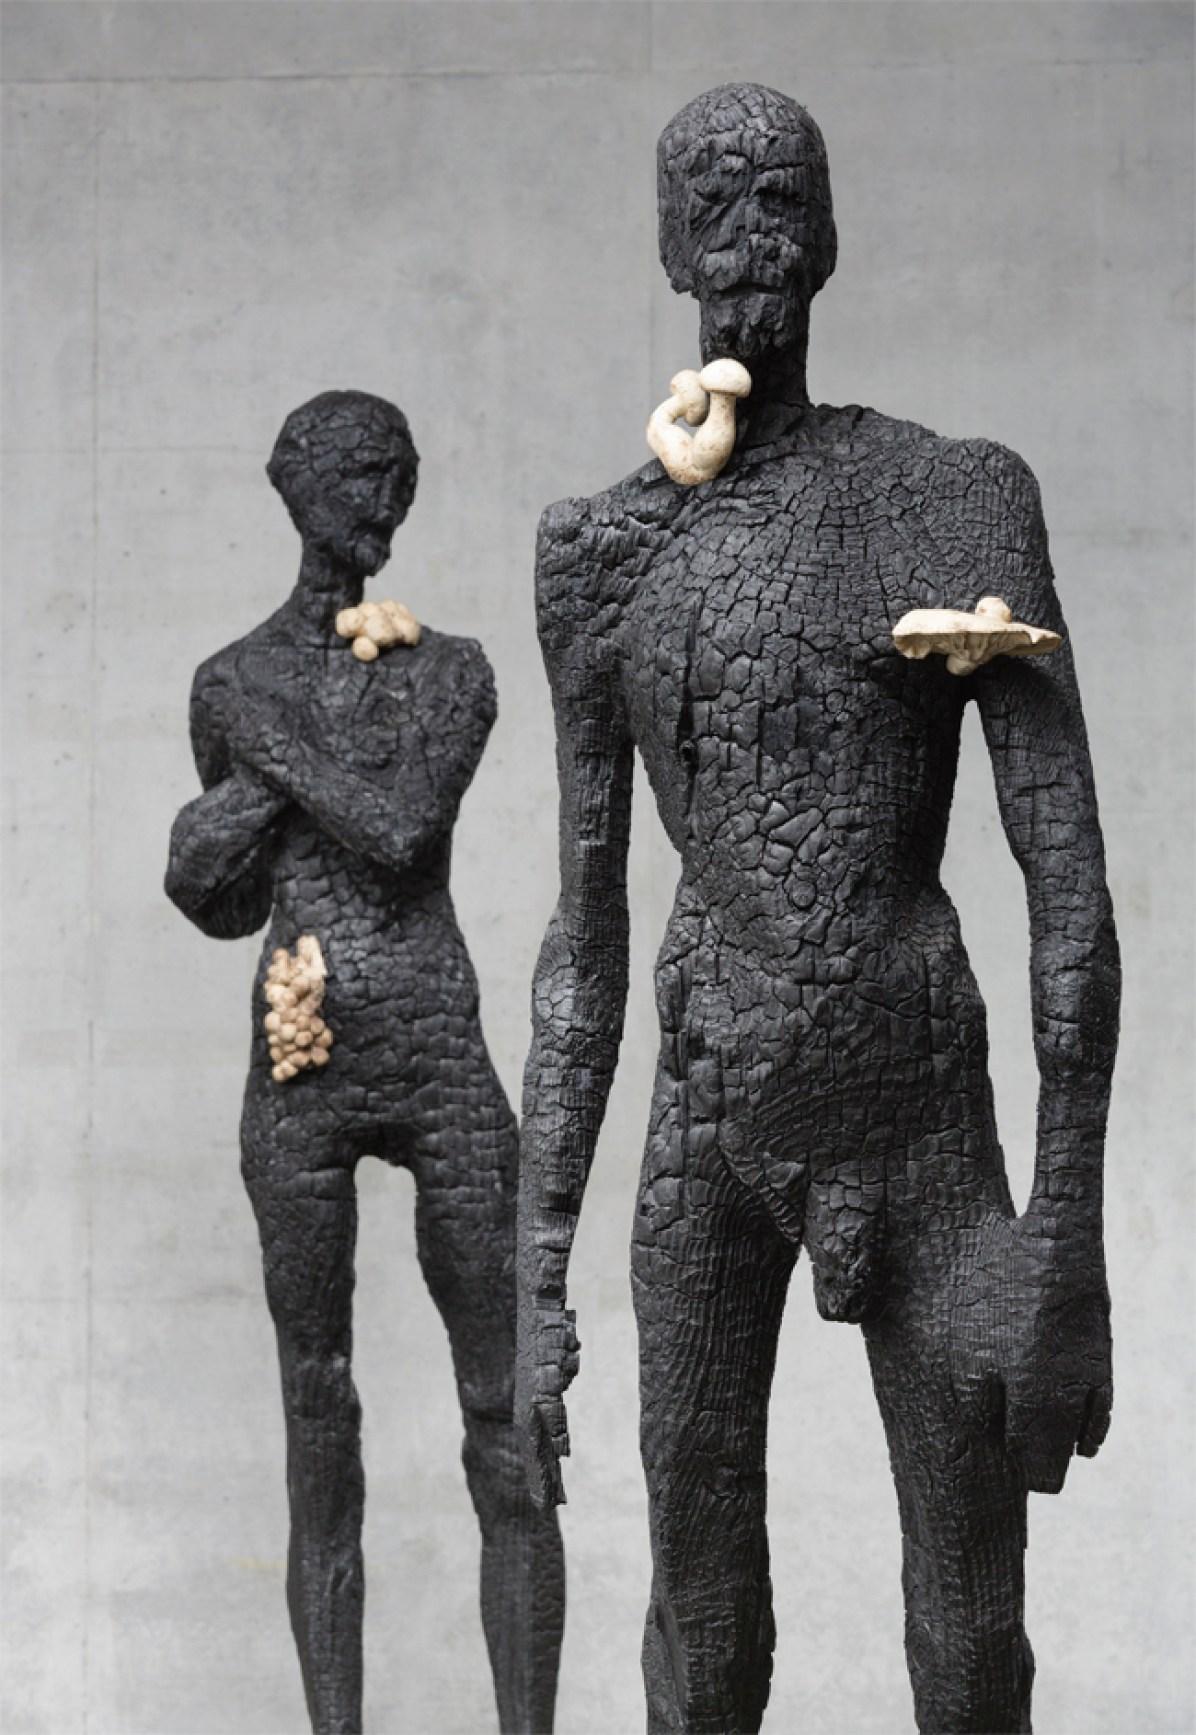 Aron Demetz, senza titolo (uomo e donna), 2012, legno carbonizzato, cm 220